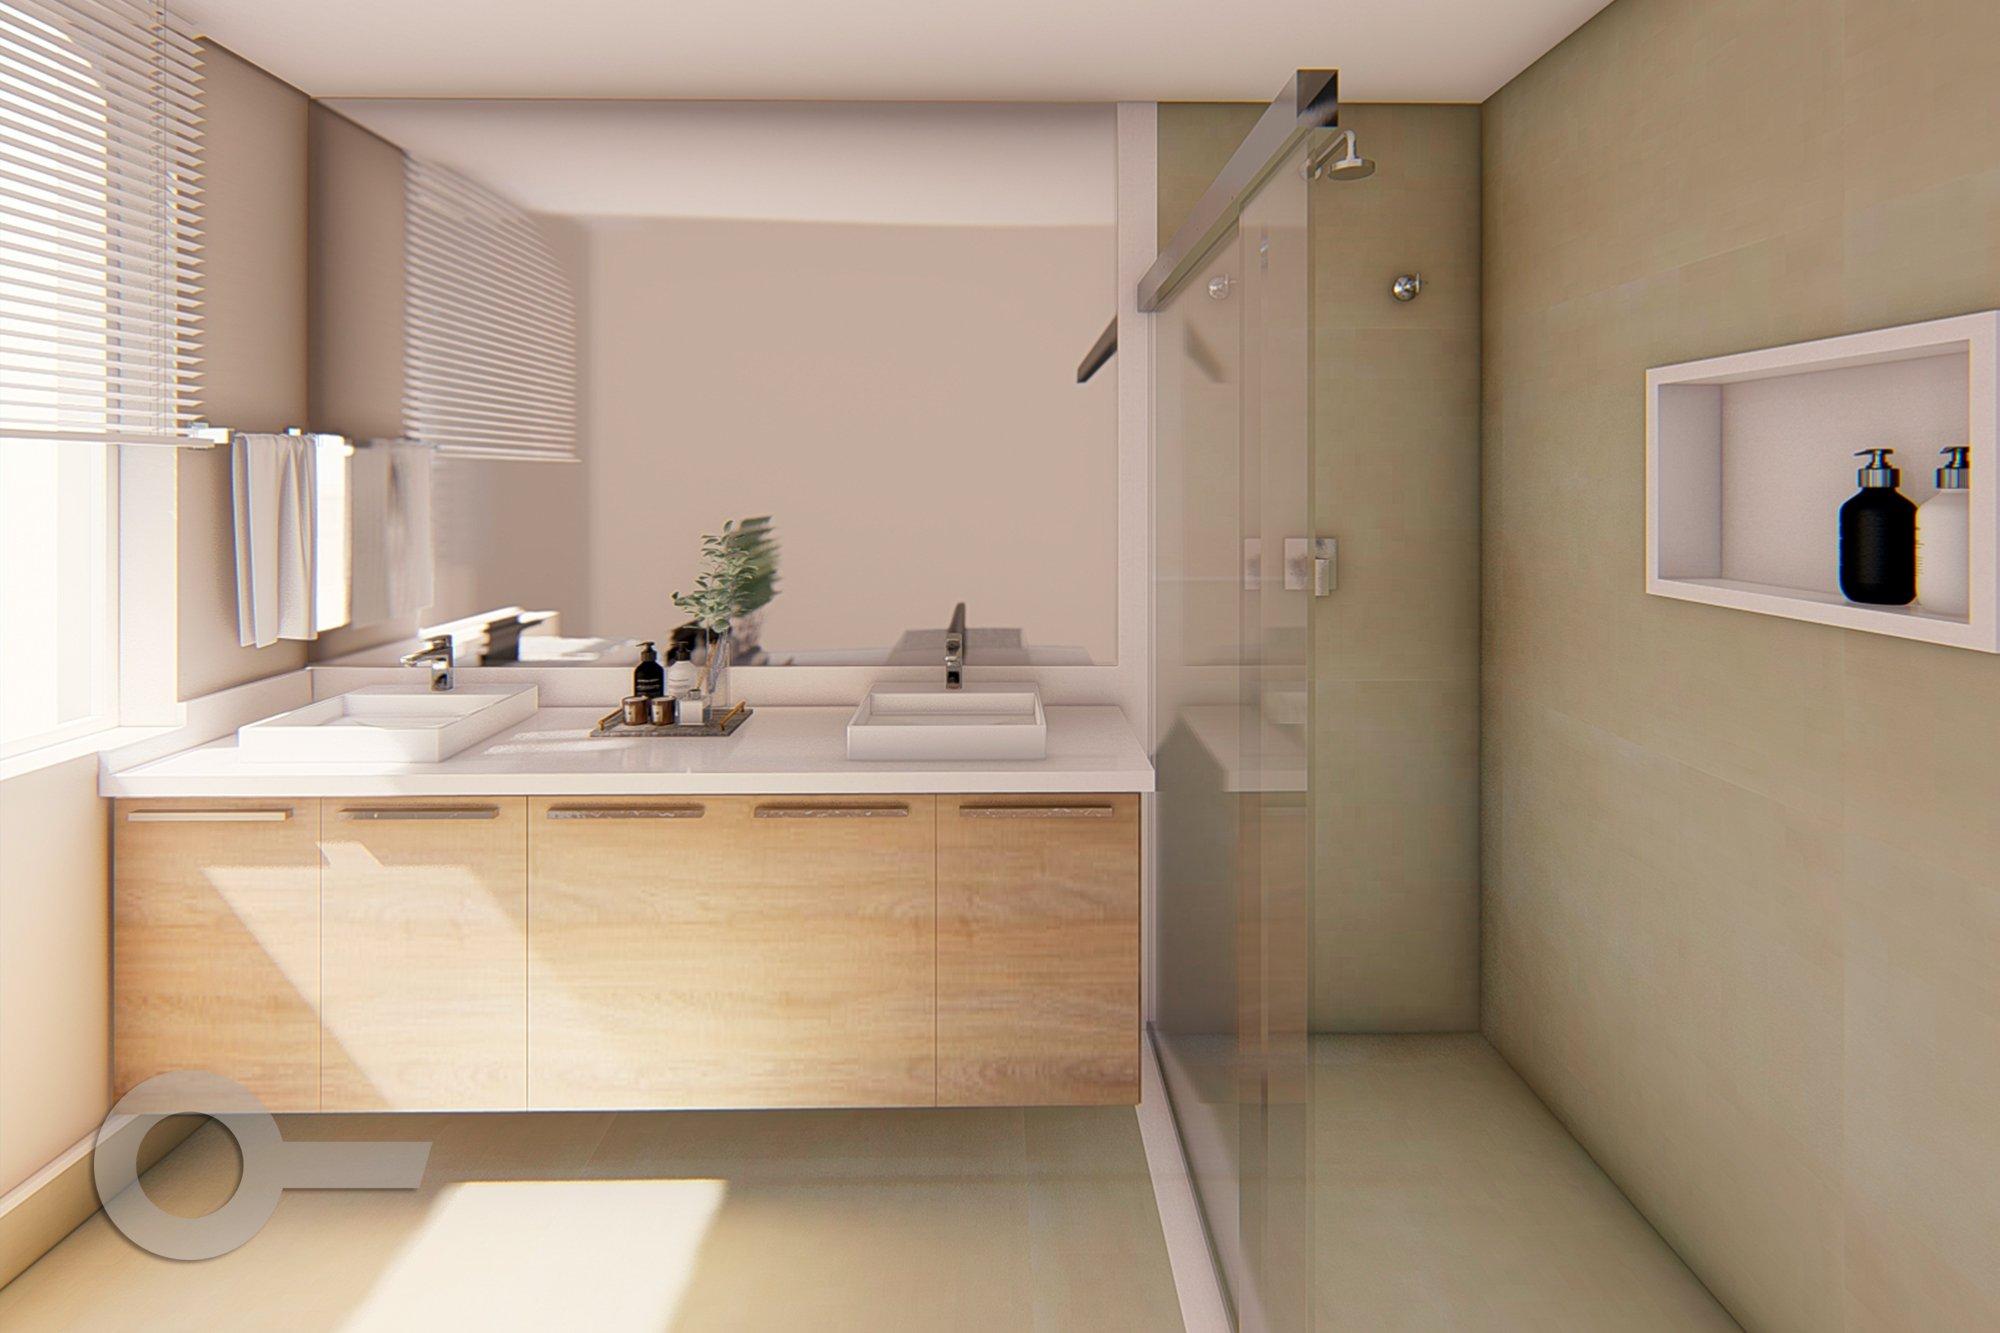 desktop_bathroom0.jfif